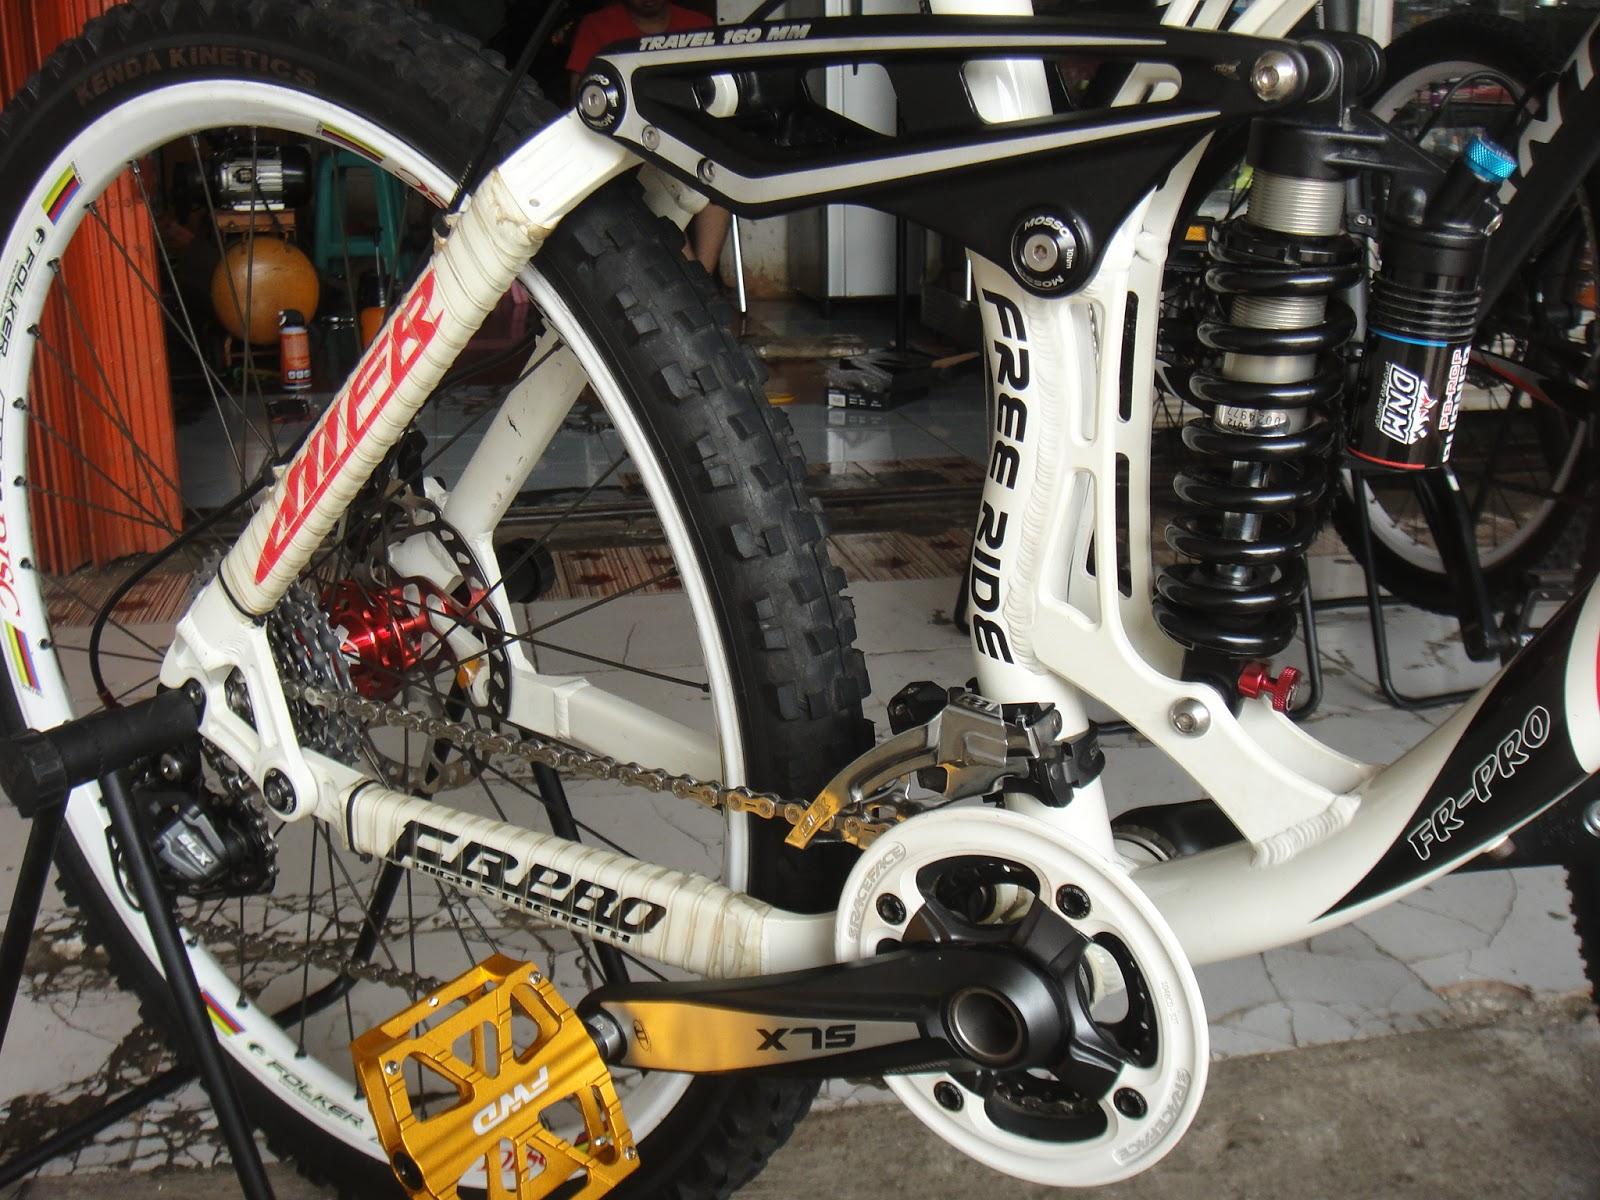 toko sepeda mtb herie bike tanggerang : sepeda fullbike